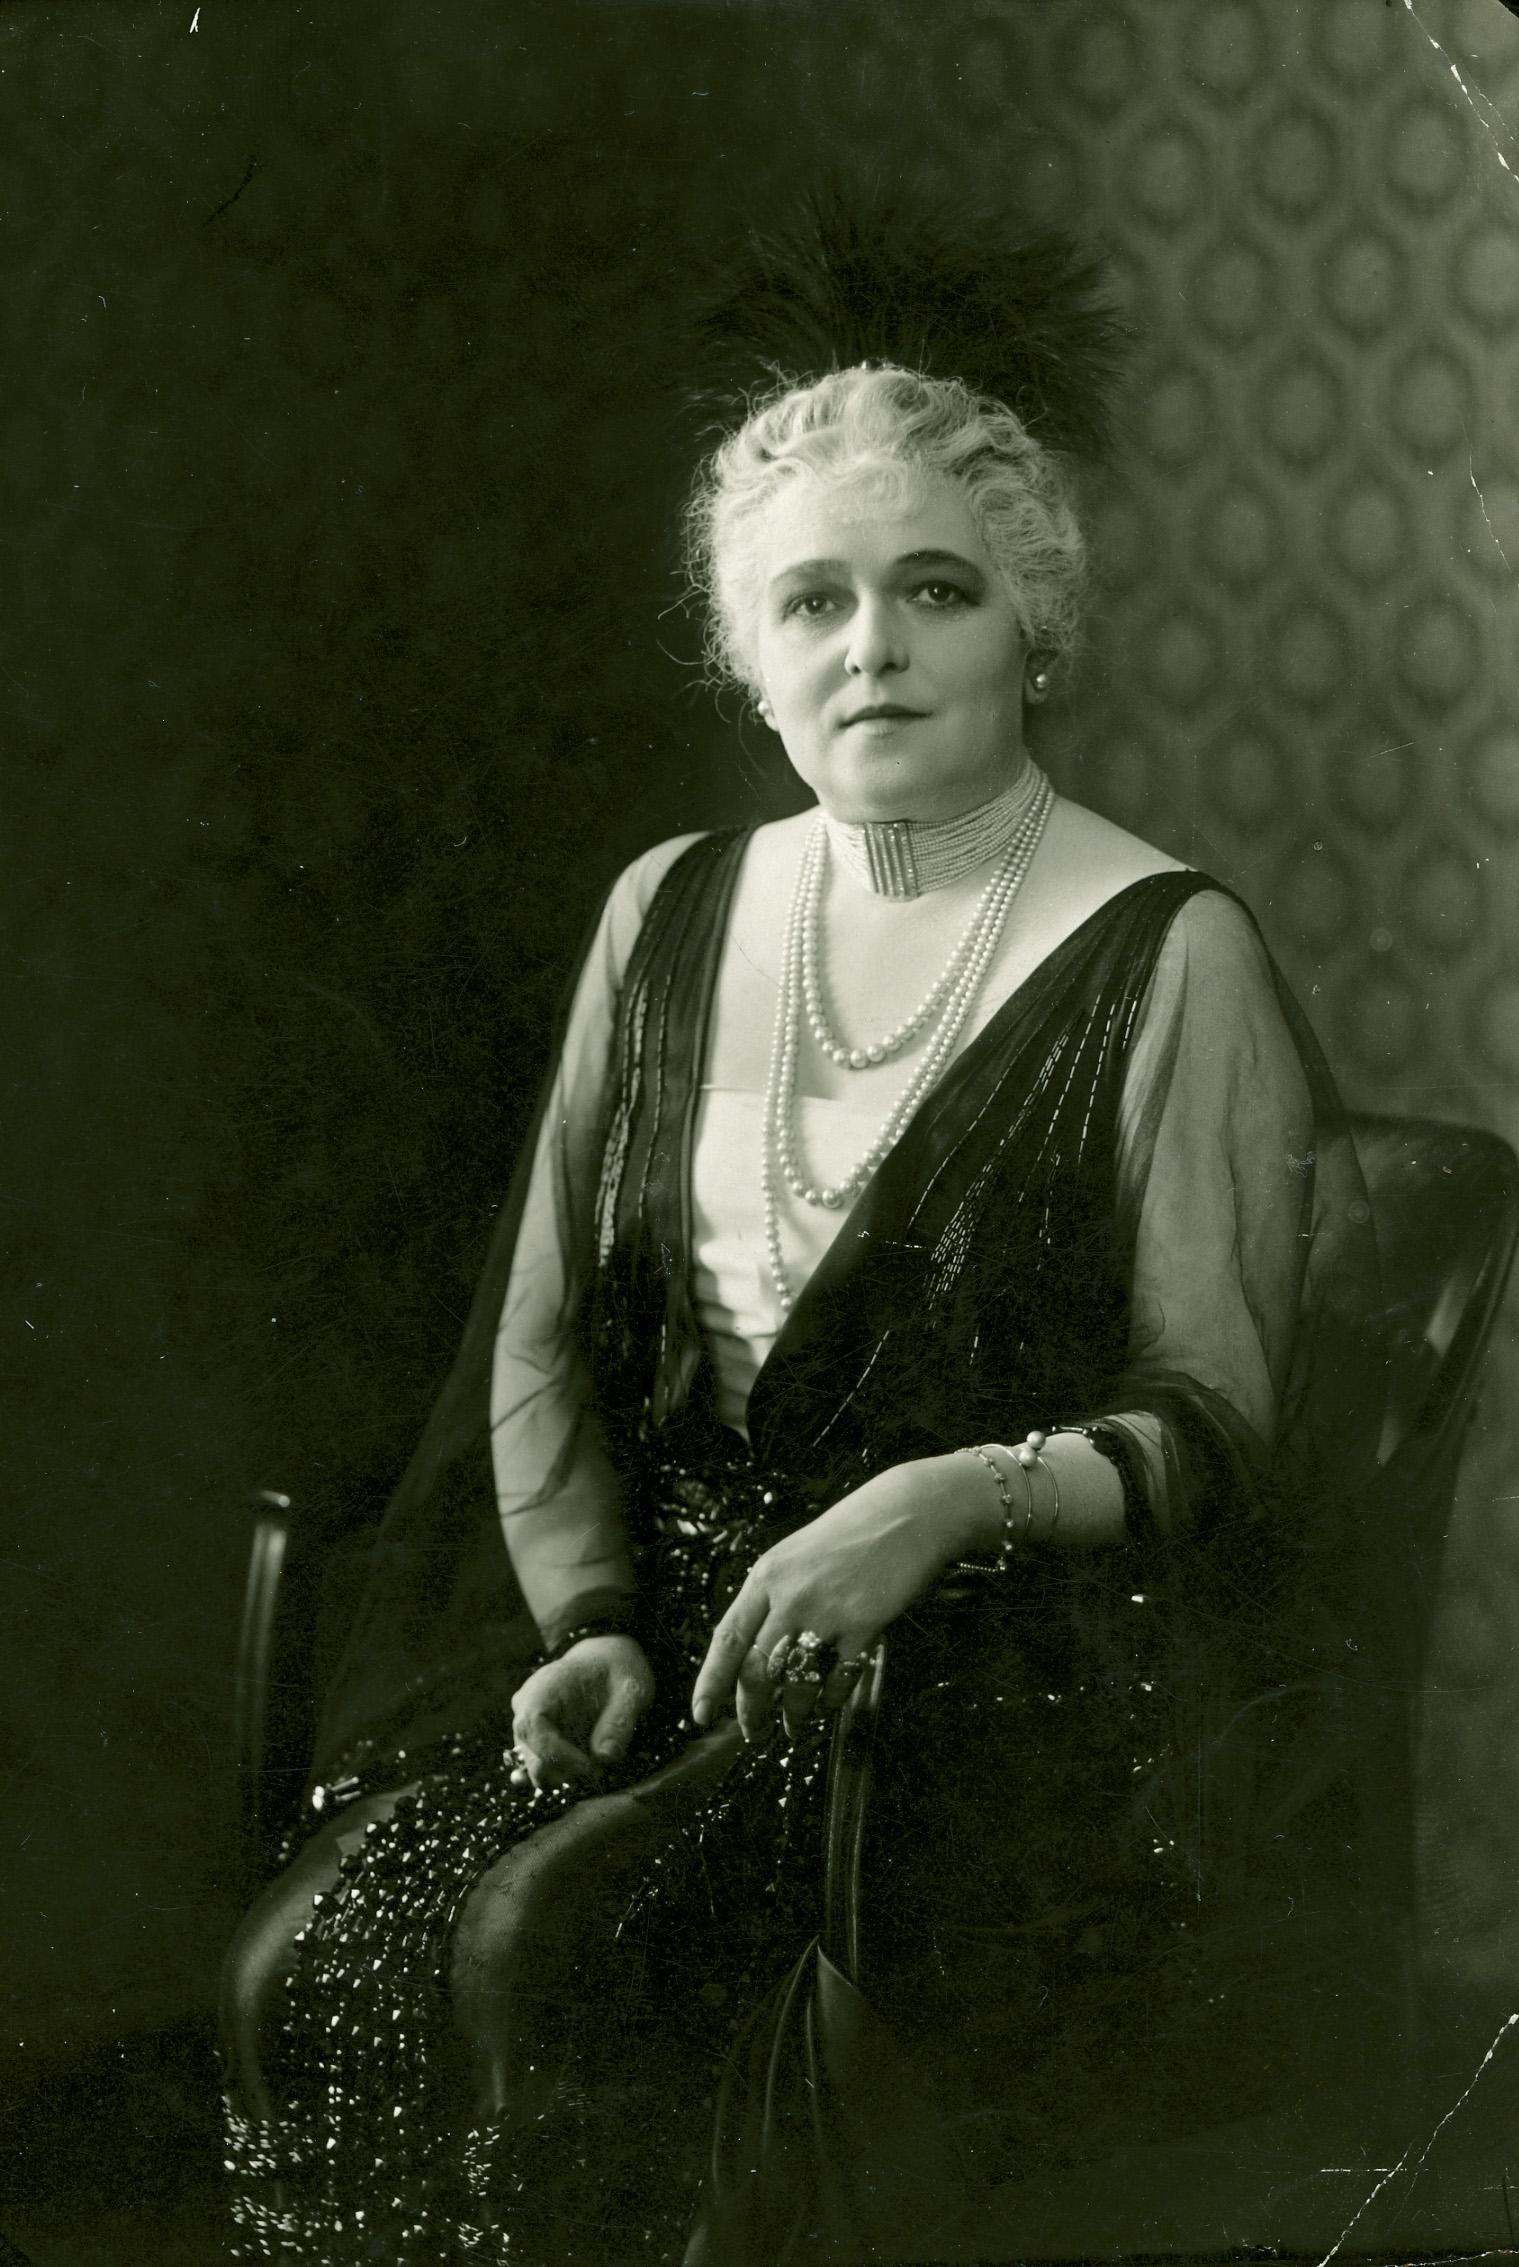 Karin Swanström